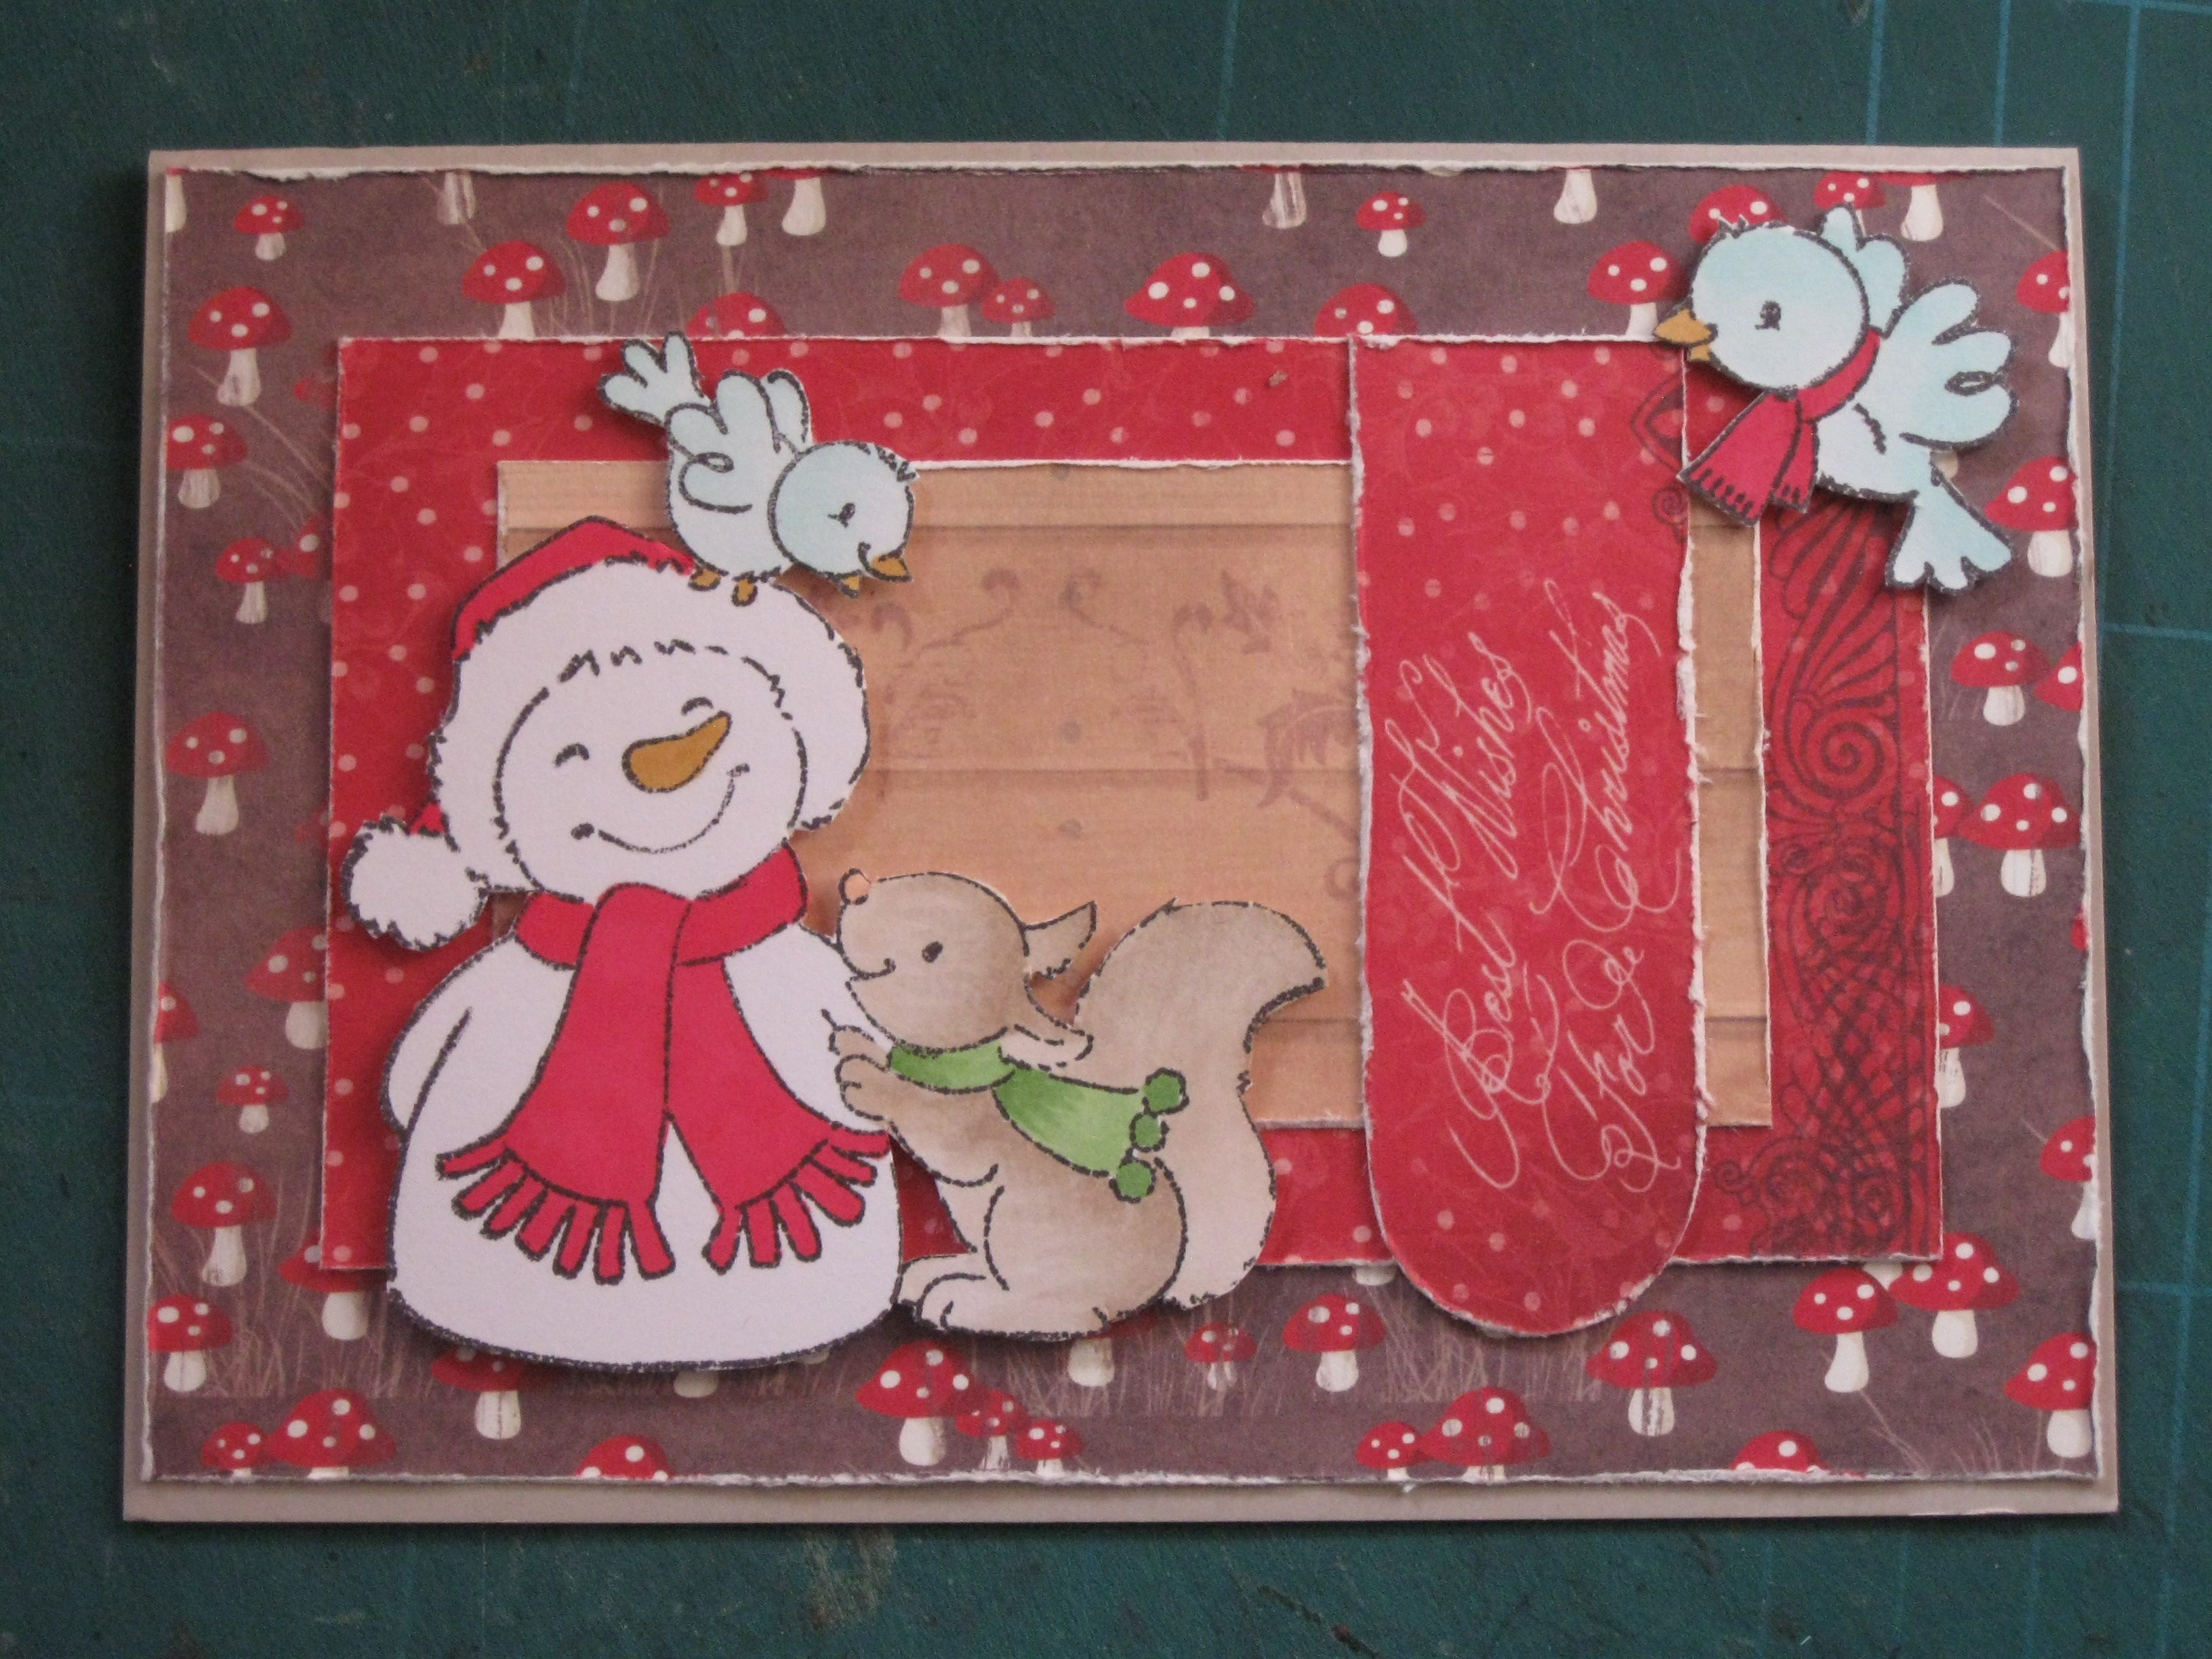 Christmas card / Eline Pellinkhof paper